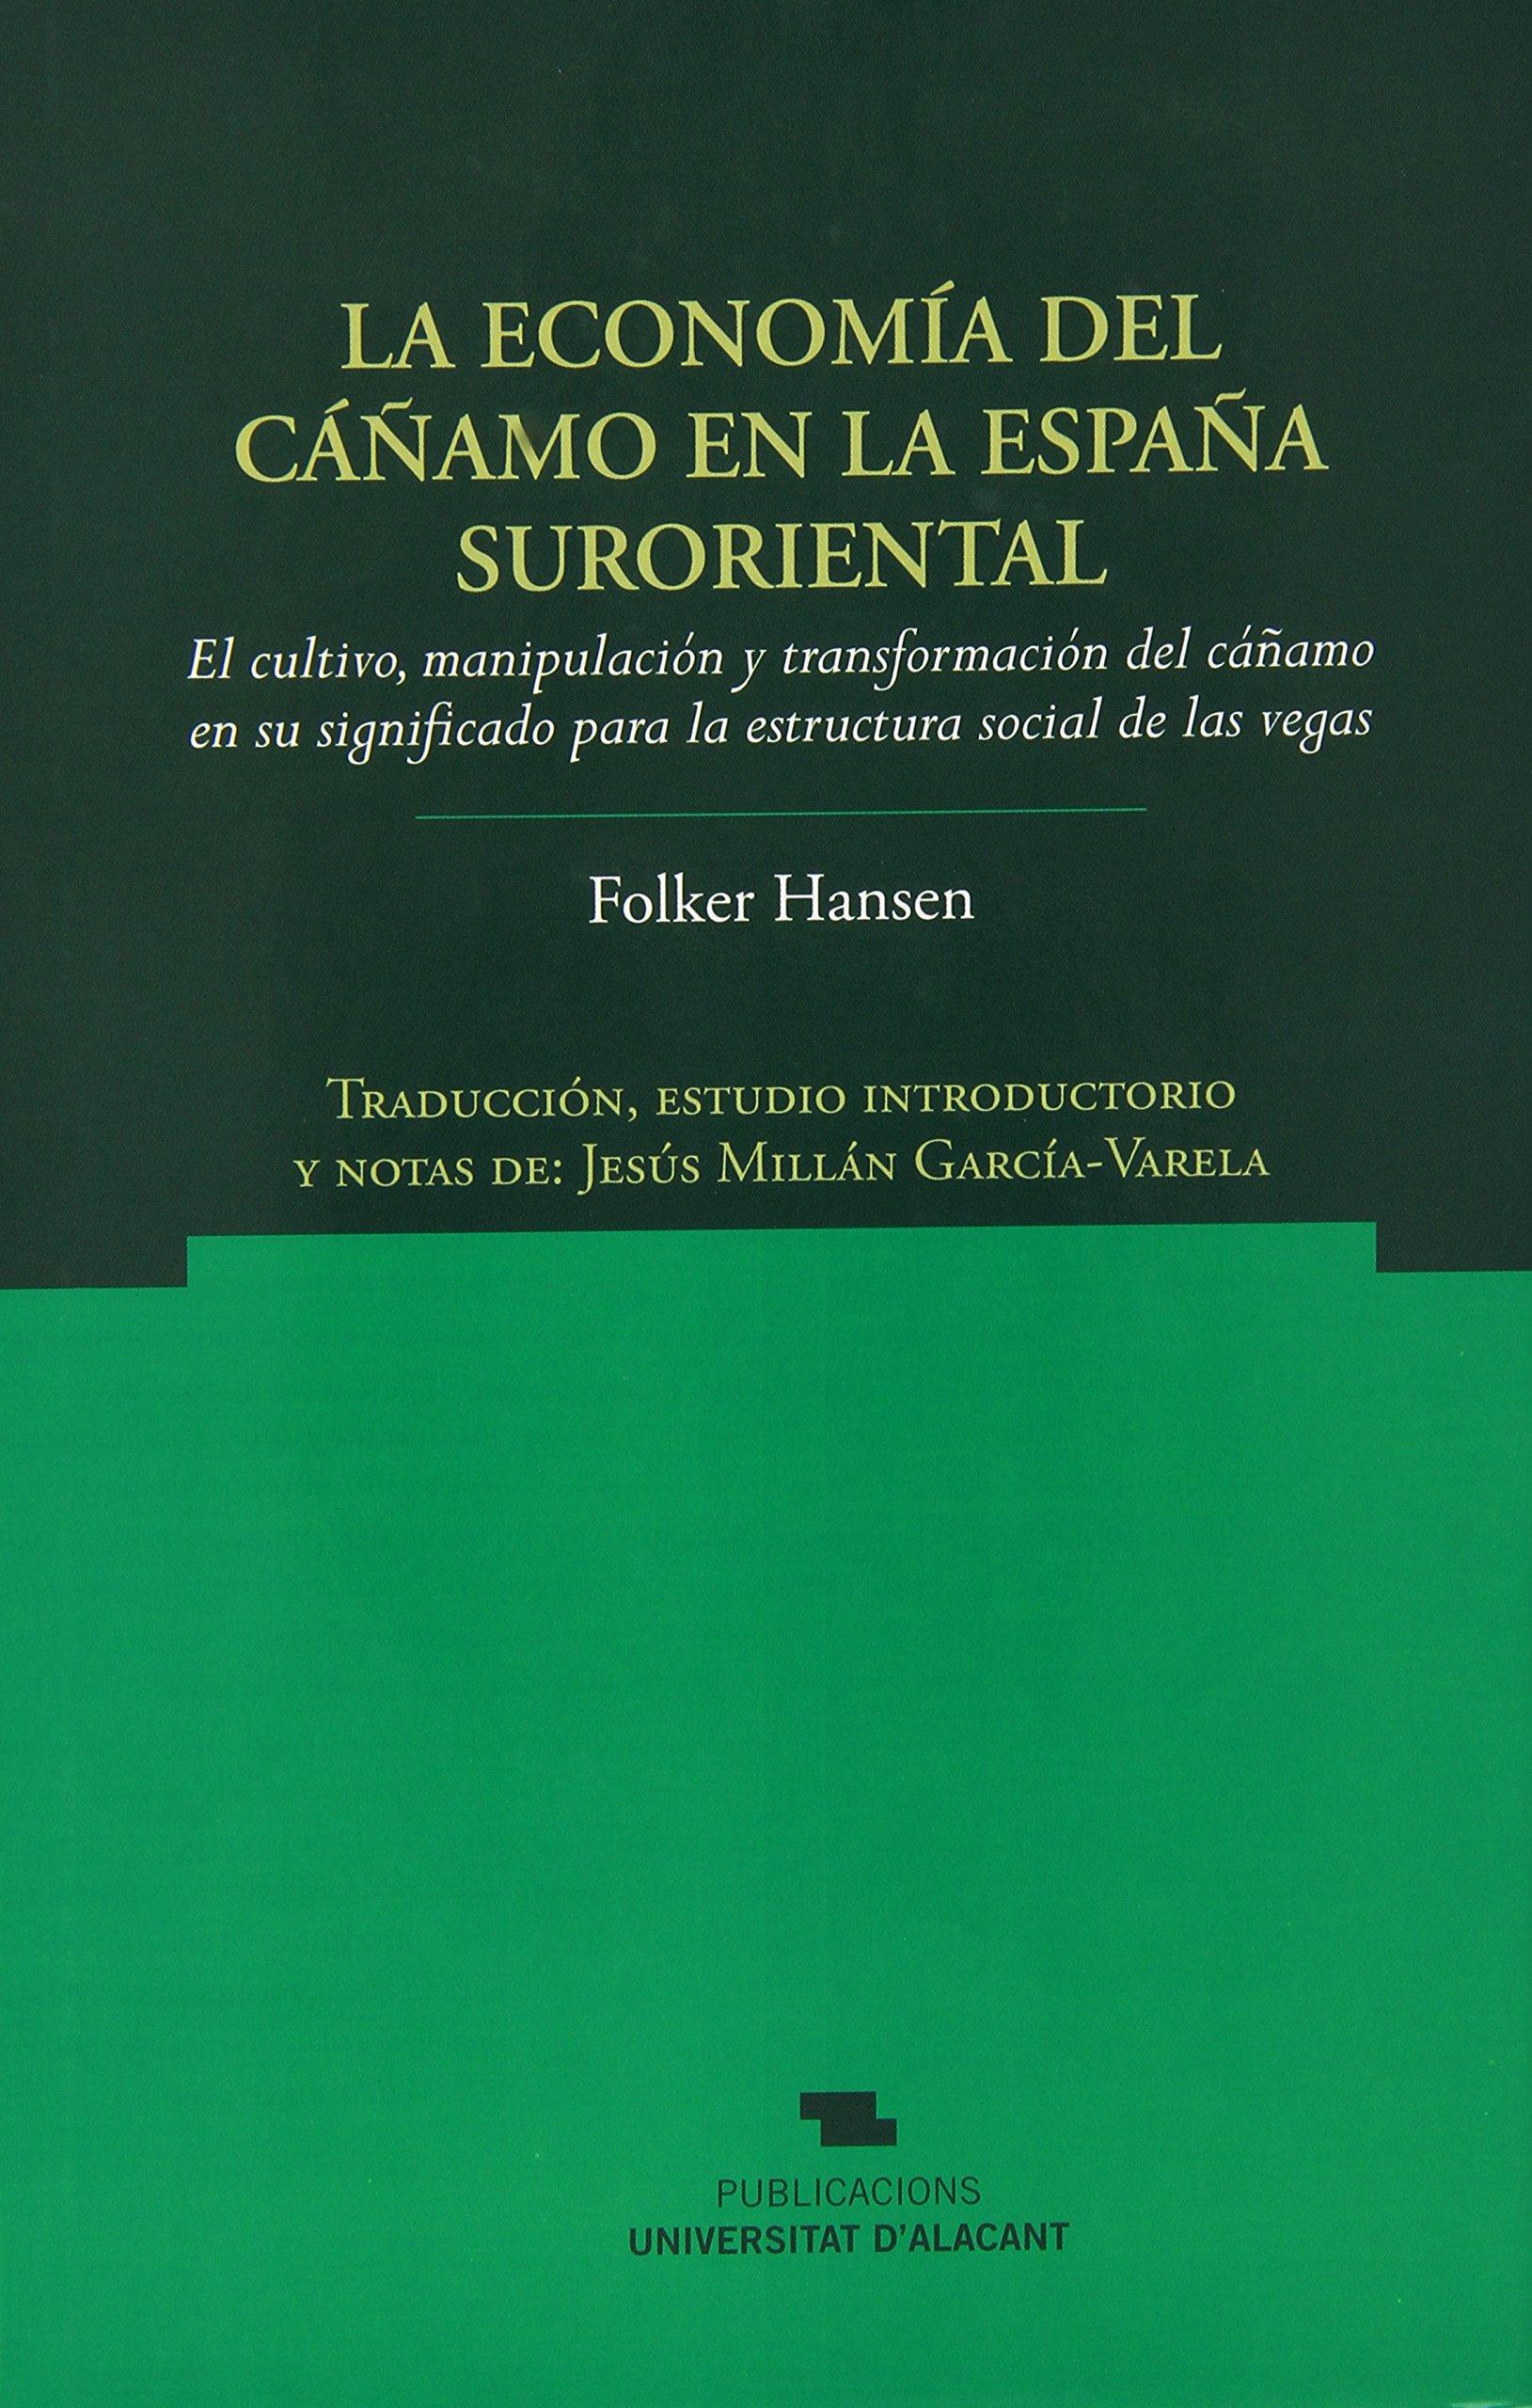 Economía Del Cáñamo En La España Suroriental,La Norte Crítico: Amazon.es: Hansen, Folker, Millán García-Varela, Jesús: Libros